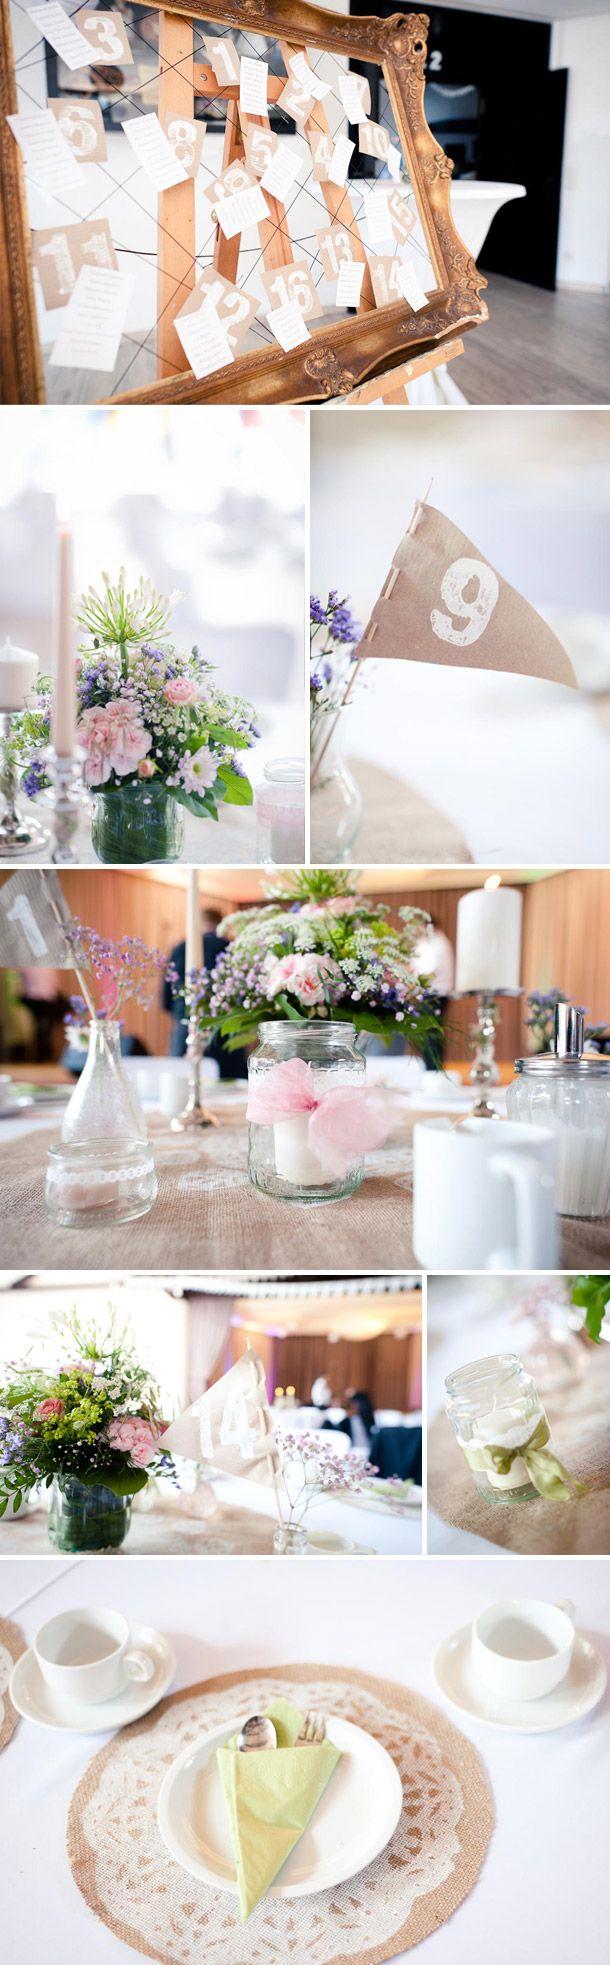 Die 32 Besten Bilder Zu Deko Hochzeit Auf Pinterest